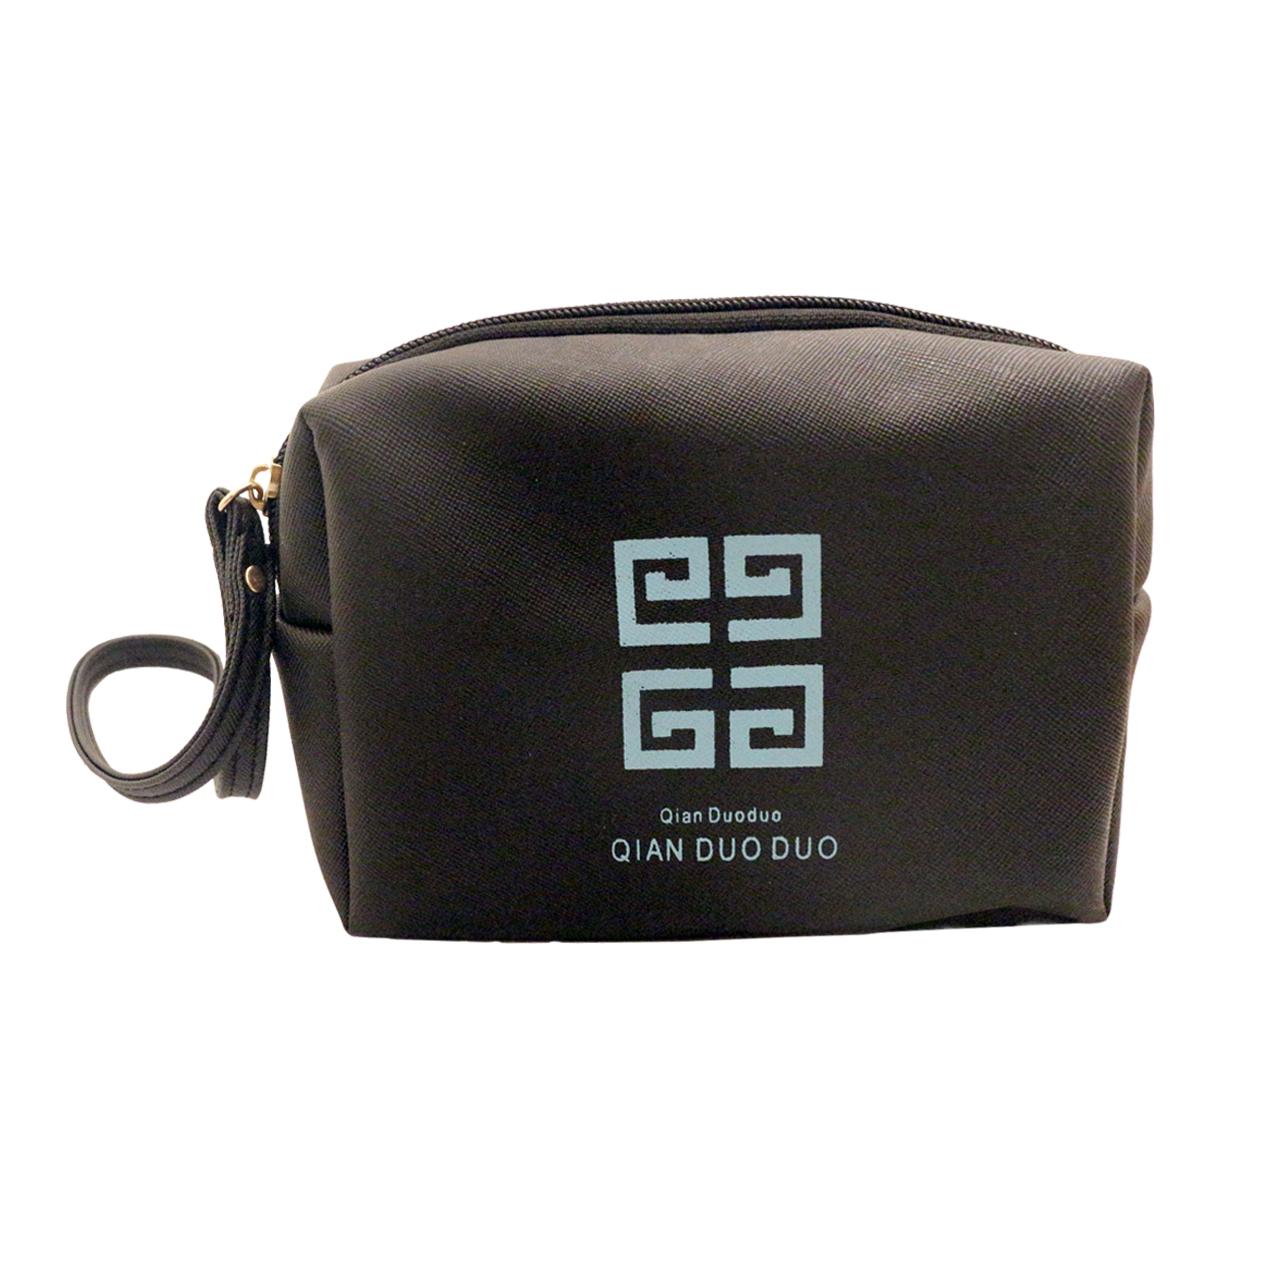 کیف لوازم آرایشی مدل Qian